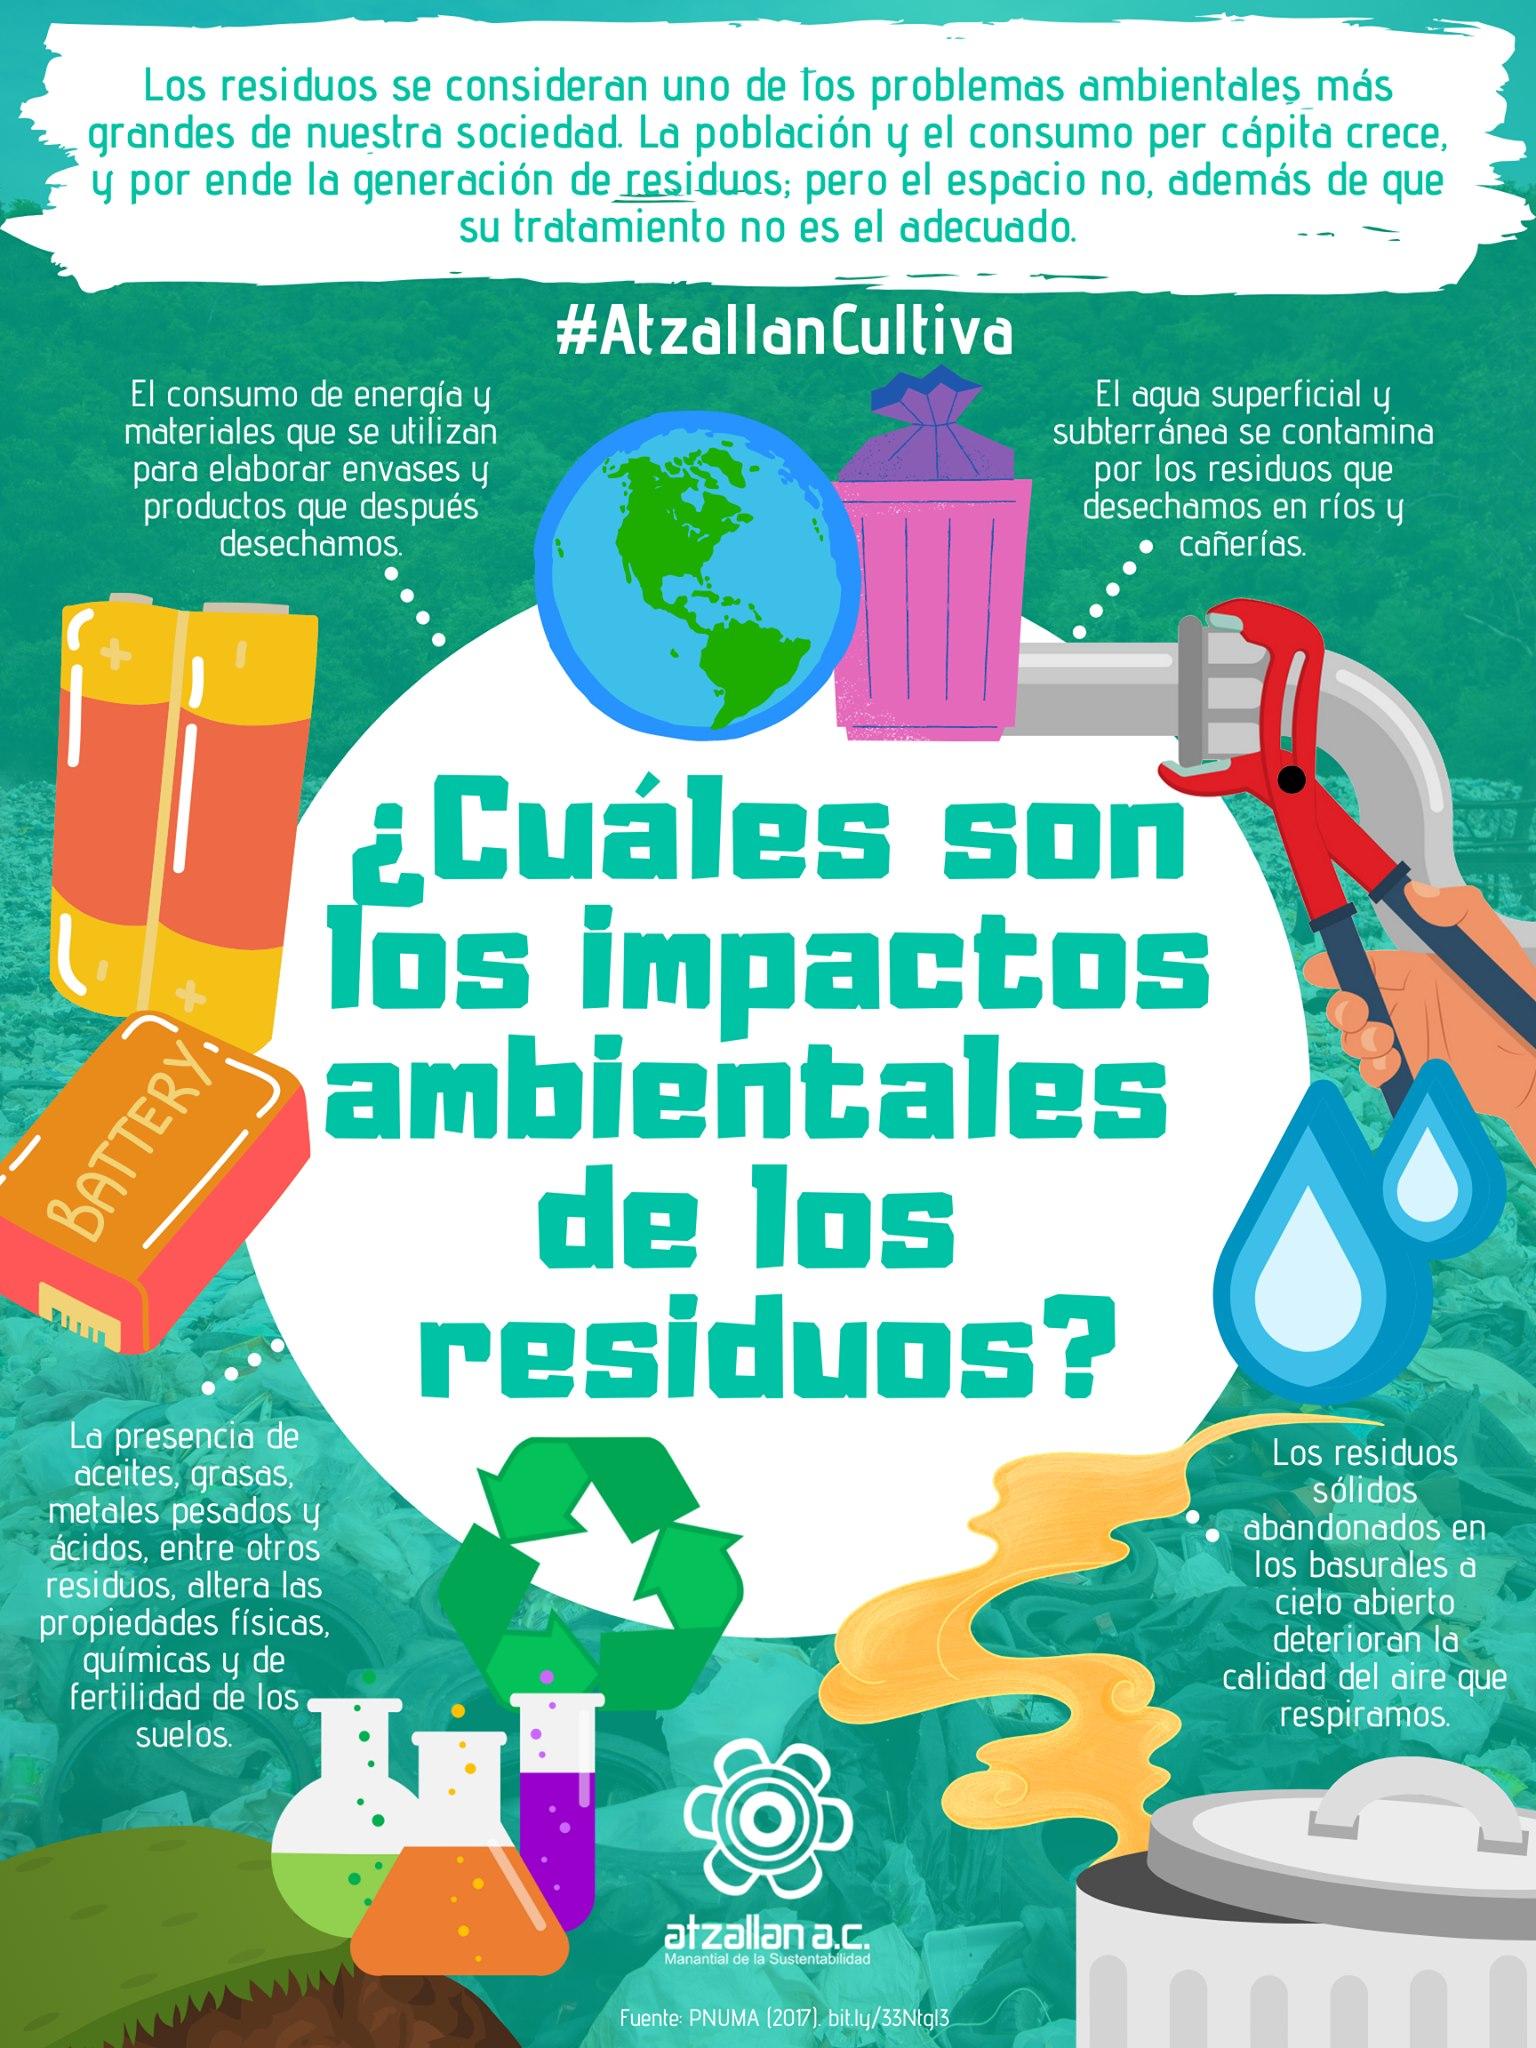 ¿Cuáles son los impactos ambientales de los residuos? (Infografía)